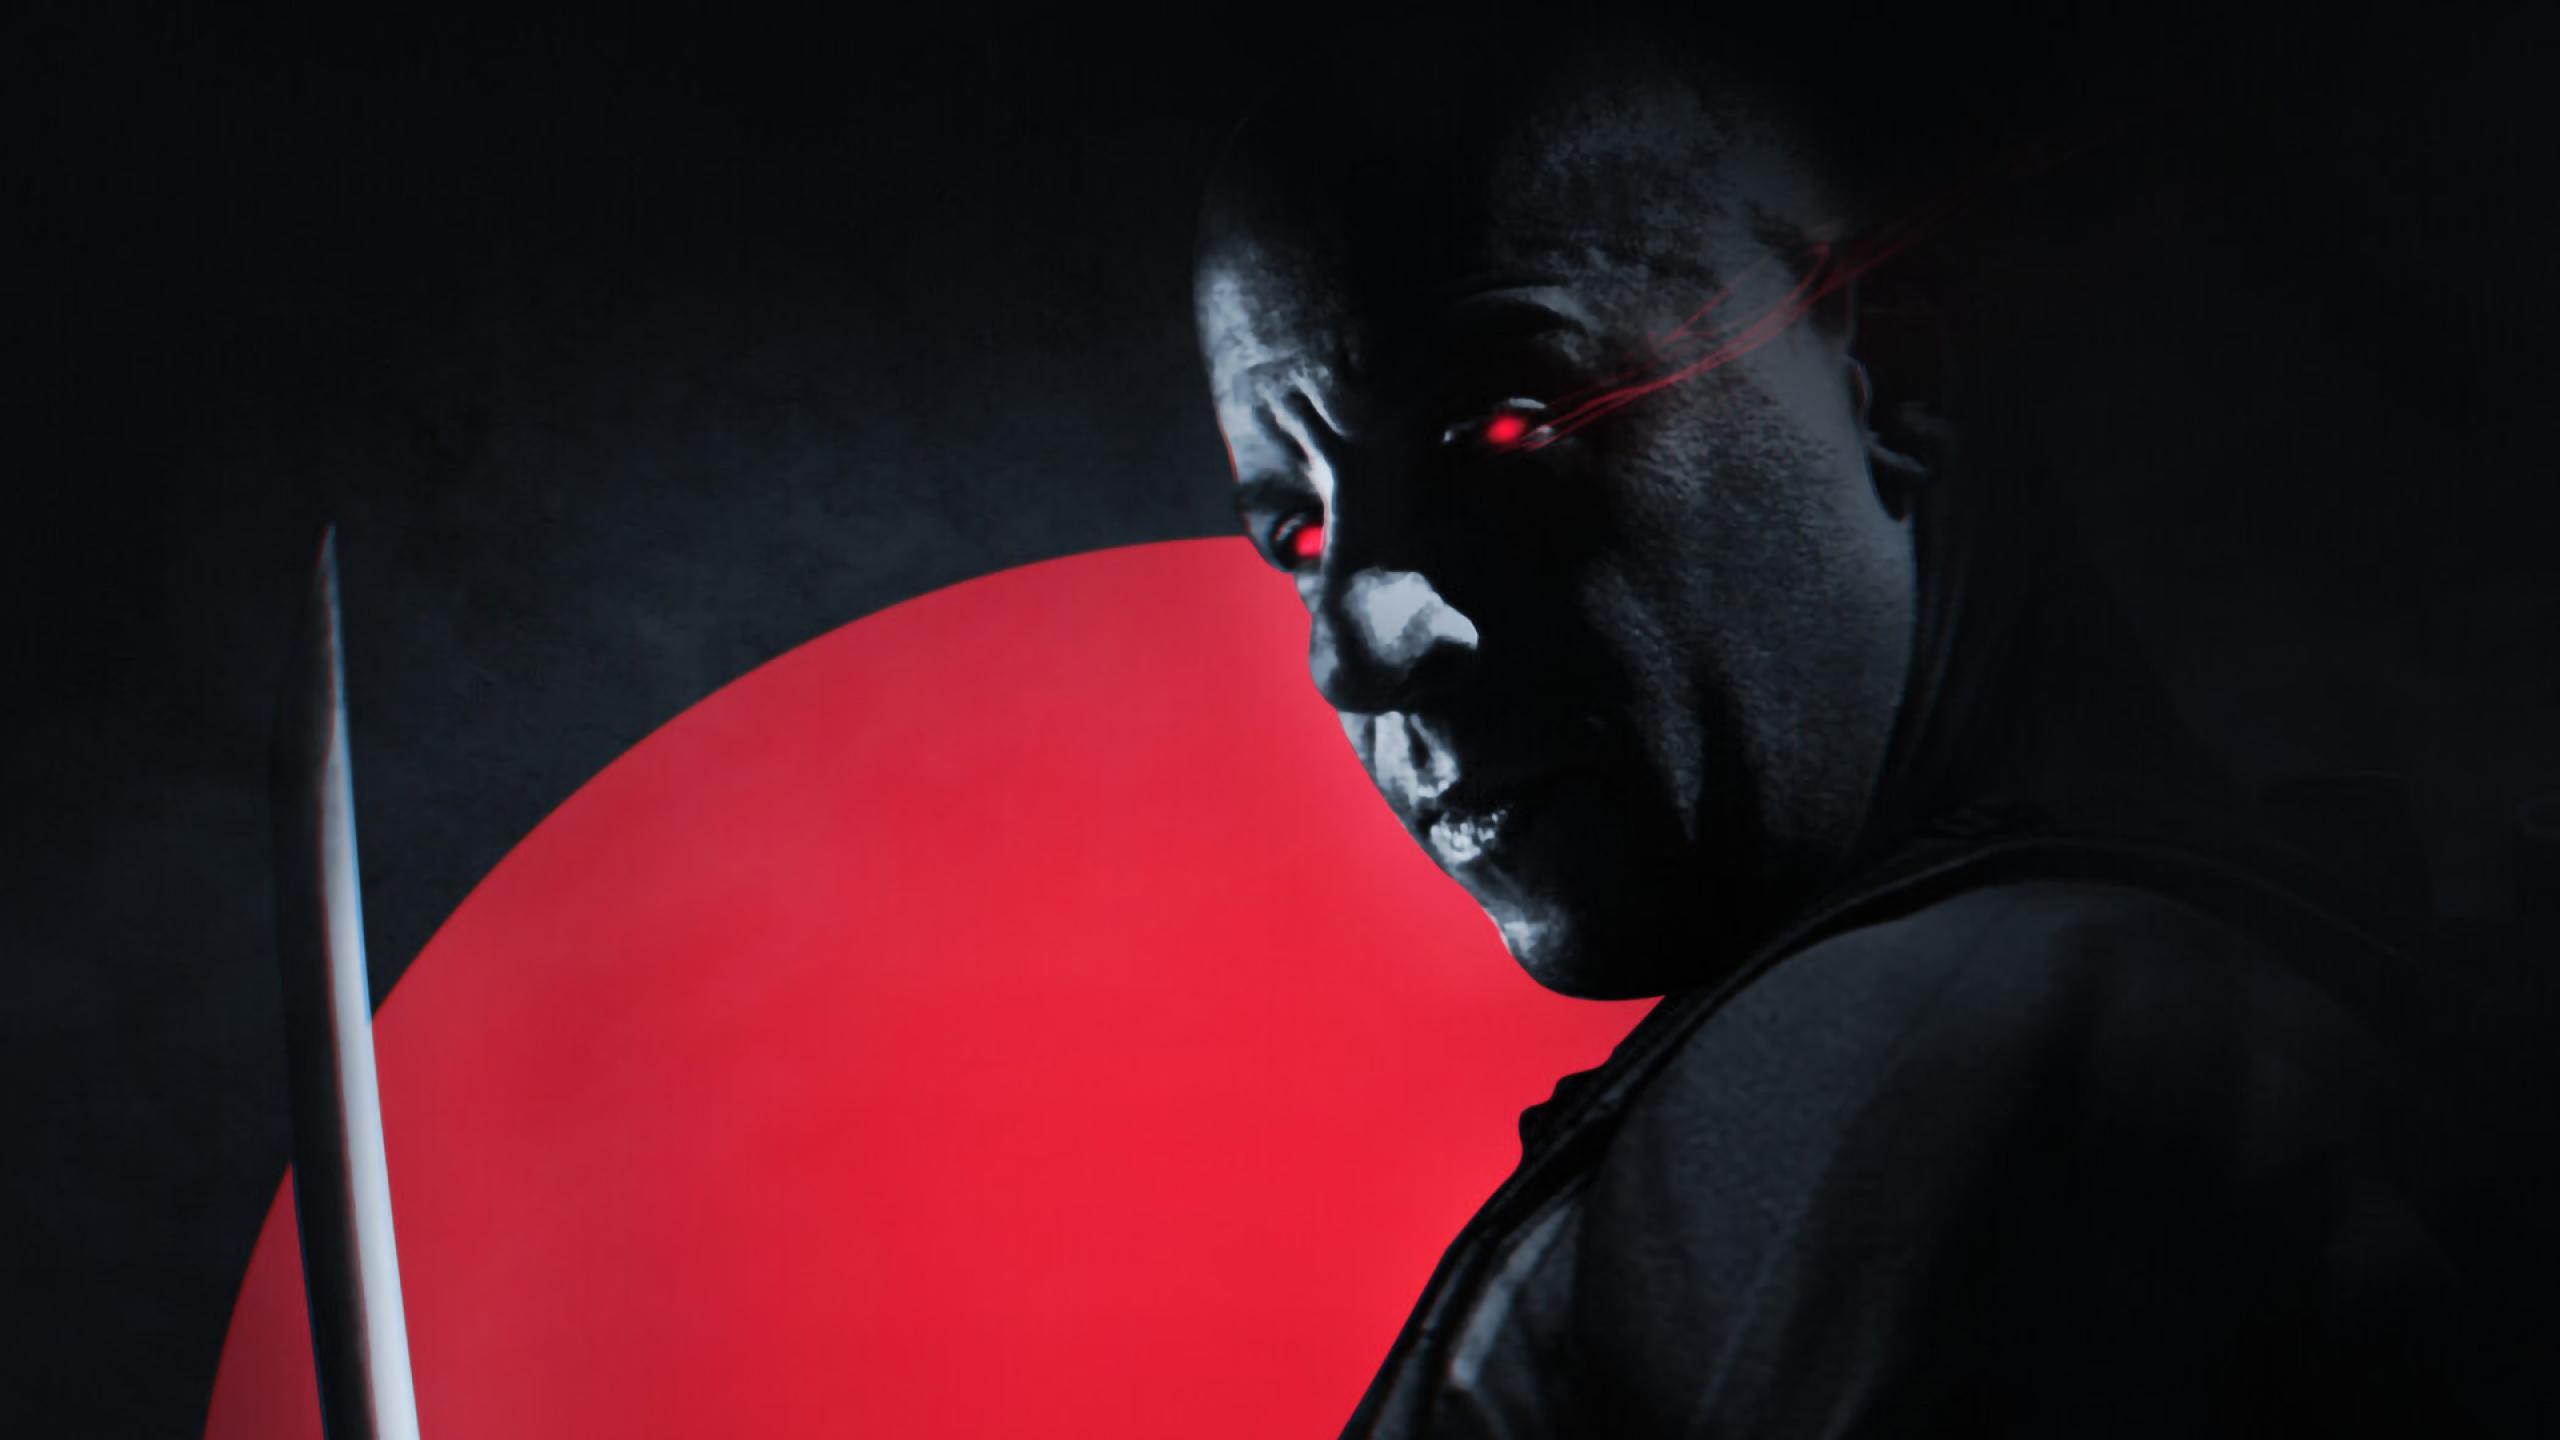 2560x1440 Vin Diesel Bloodshot Movie 2020 1440P Resolution 2560x1440